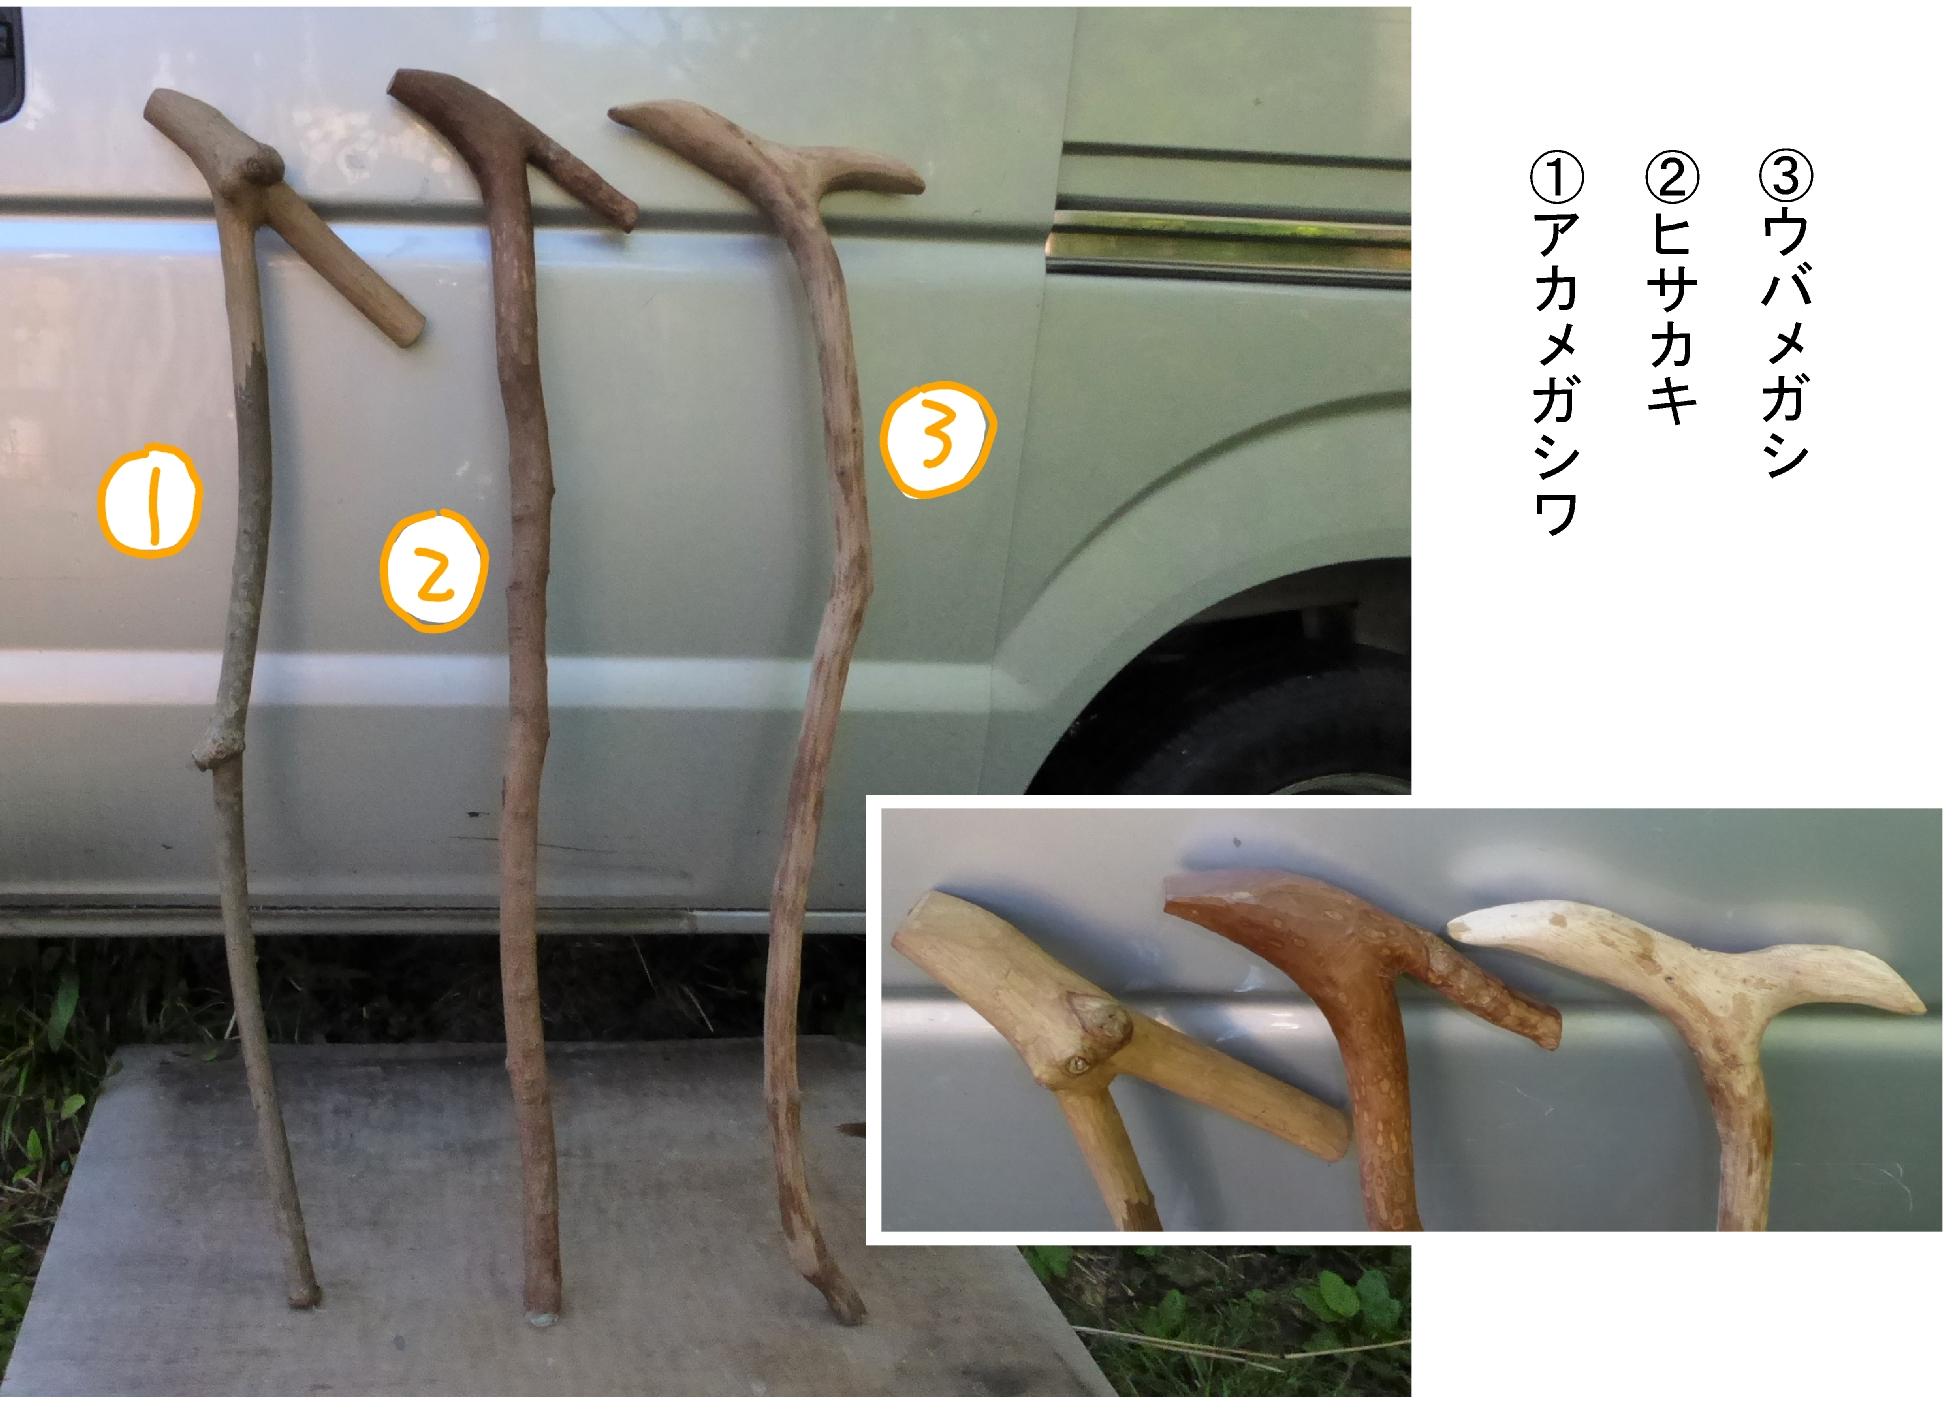 ブログ21つえ3